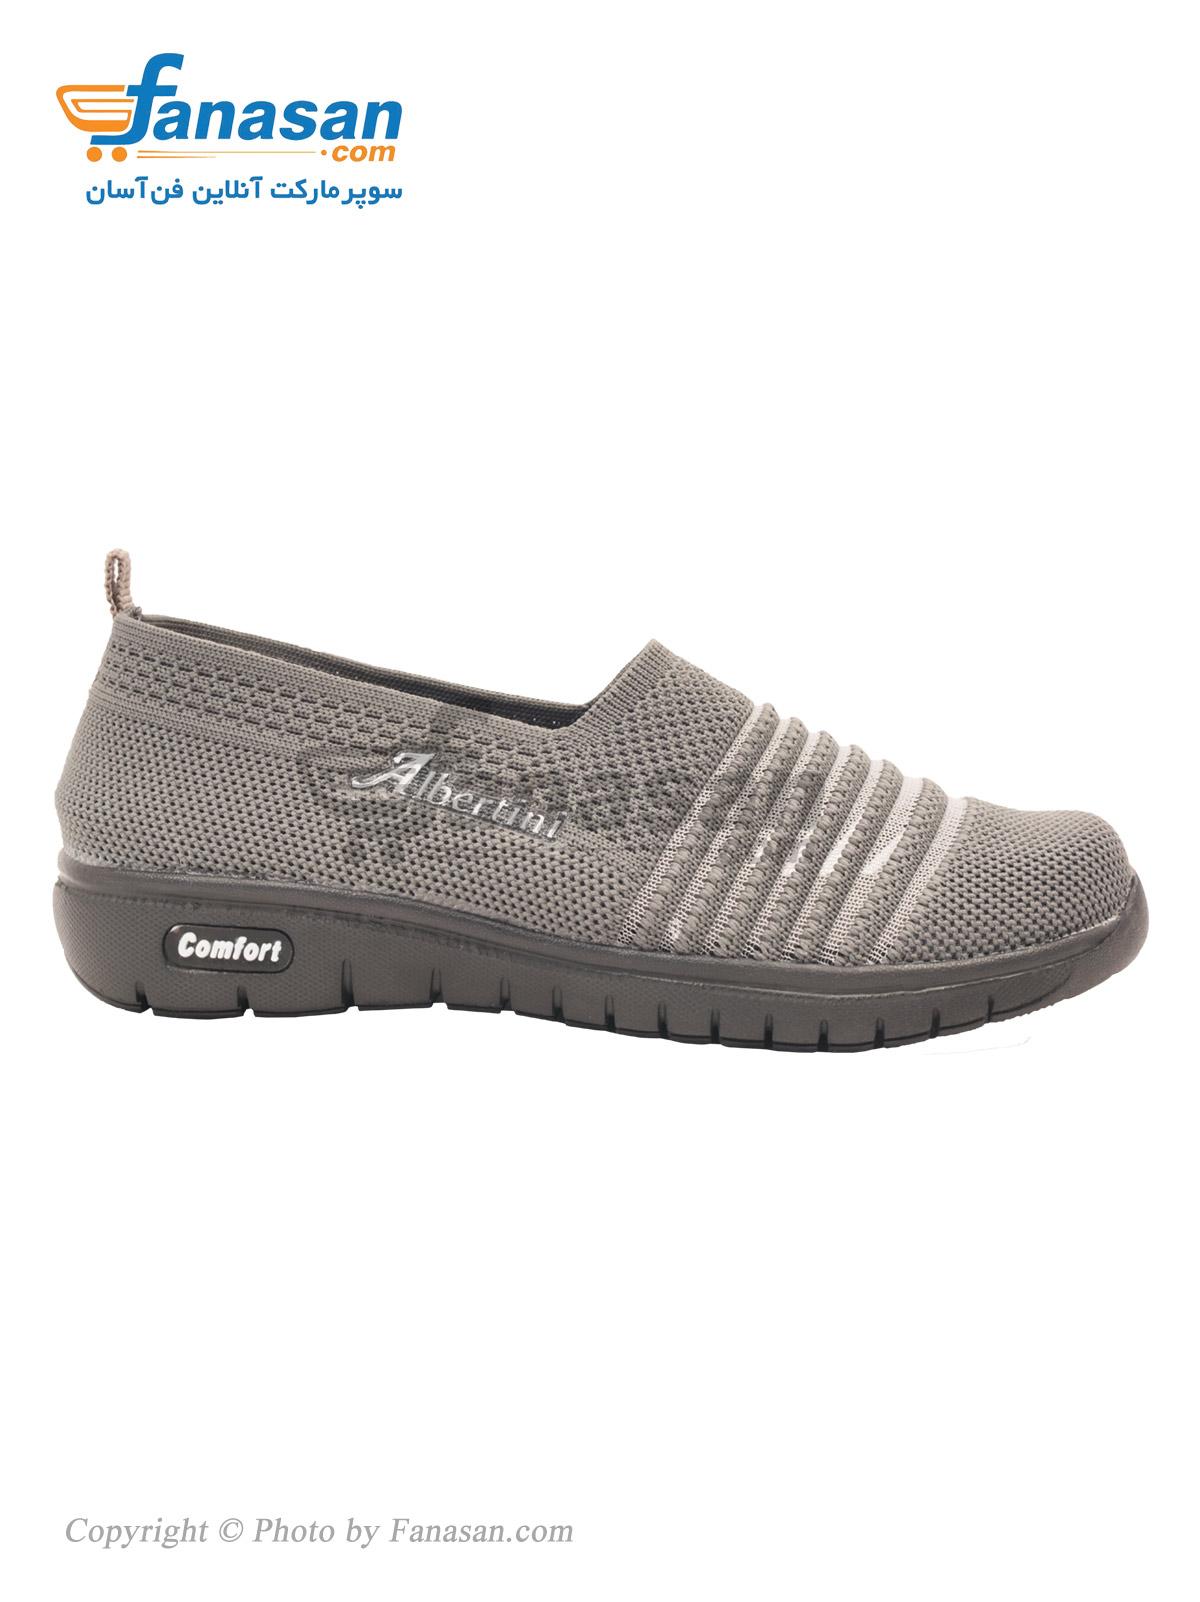 کفش راحتی چهارفصل زنانه نهرین مدل شیک Albertini طوسی تیره سایز 39